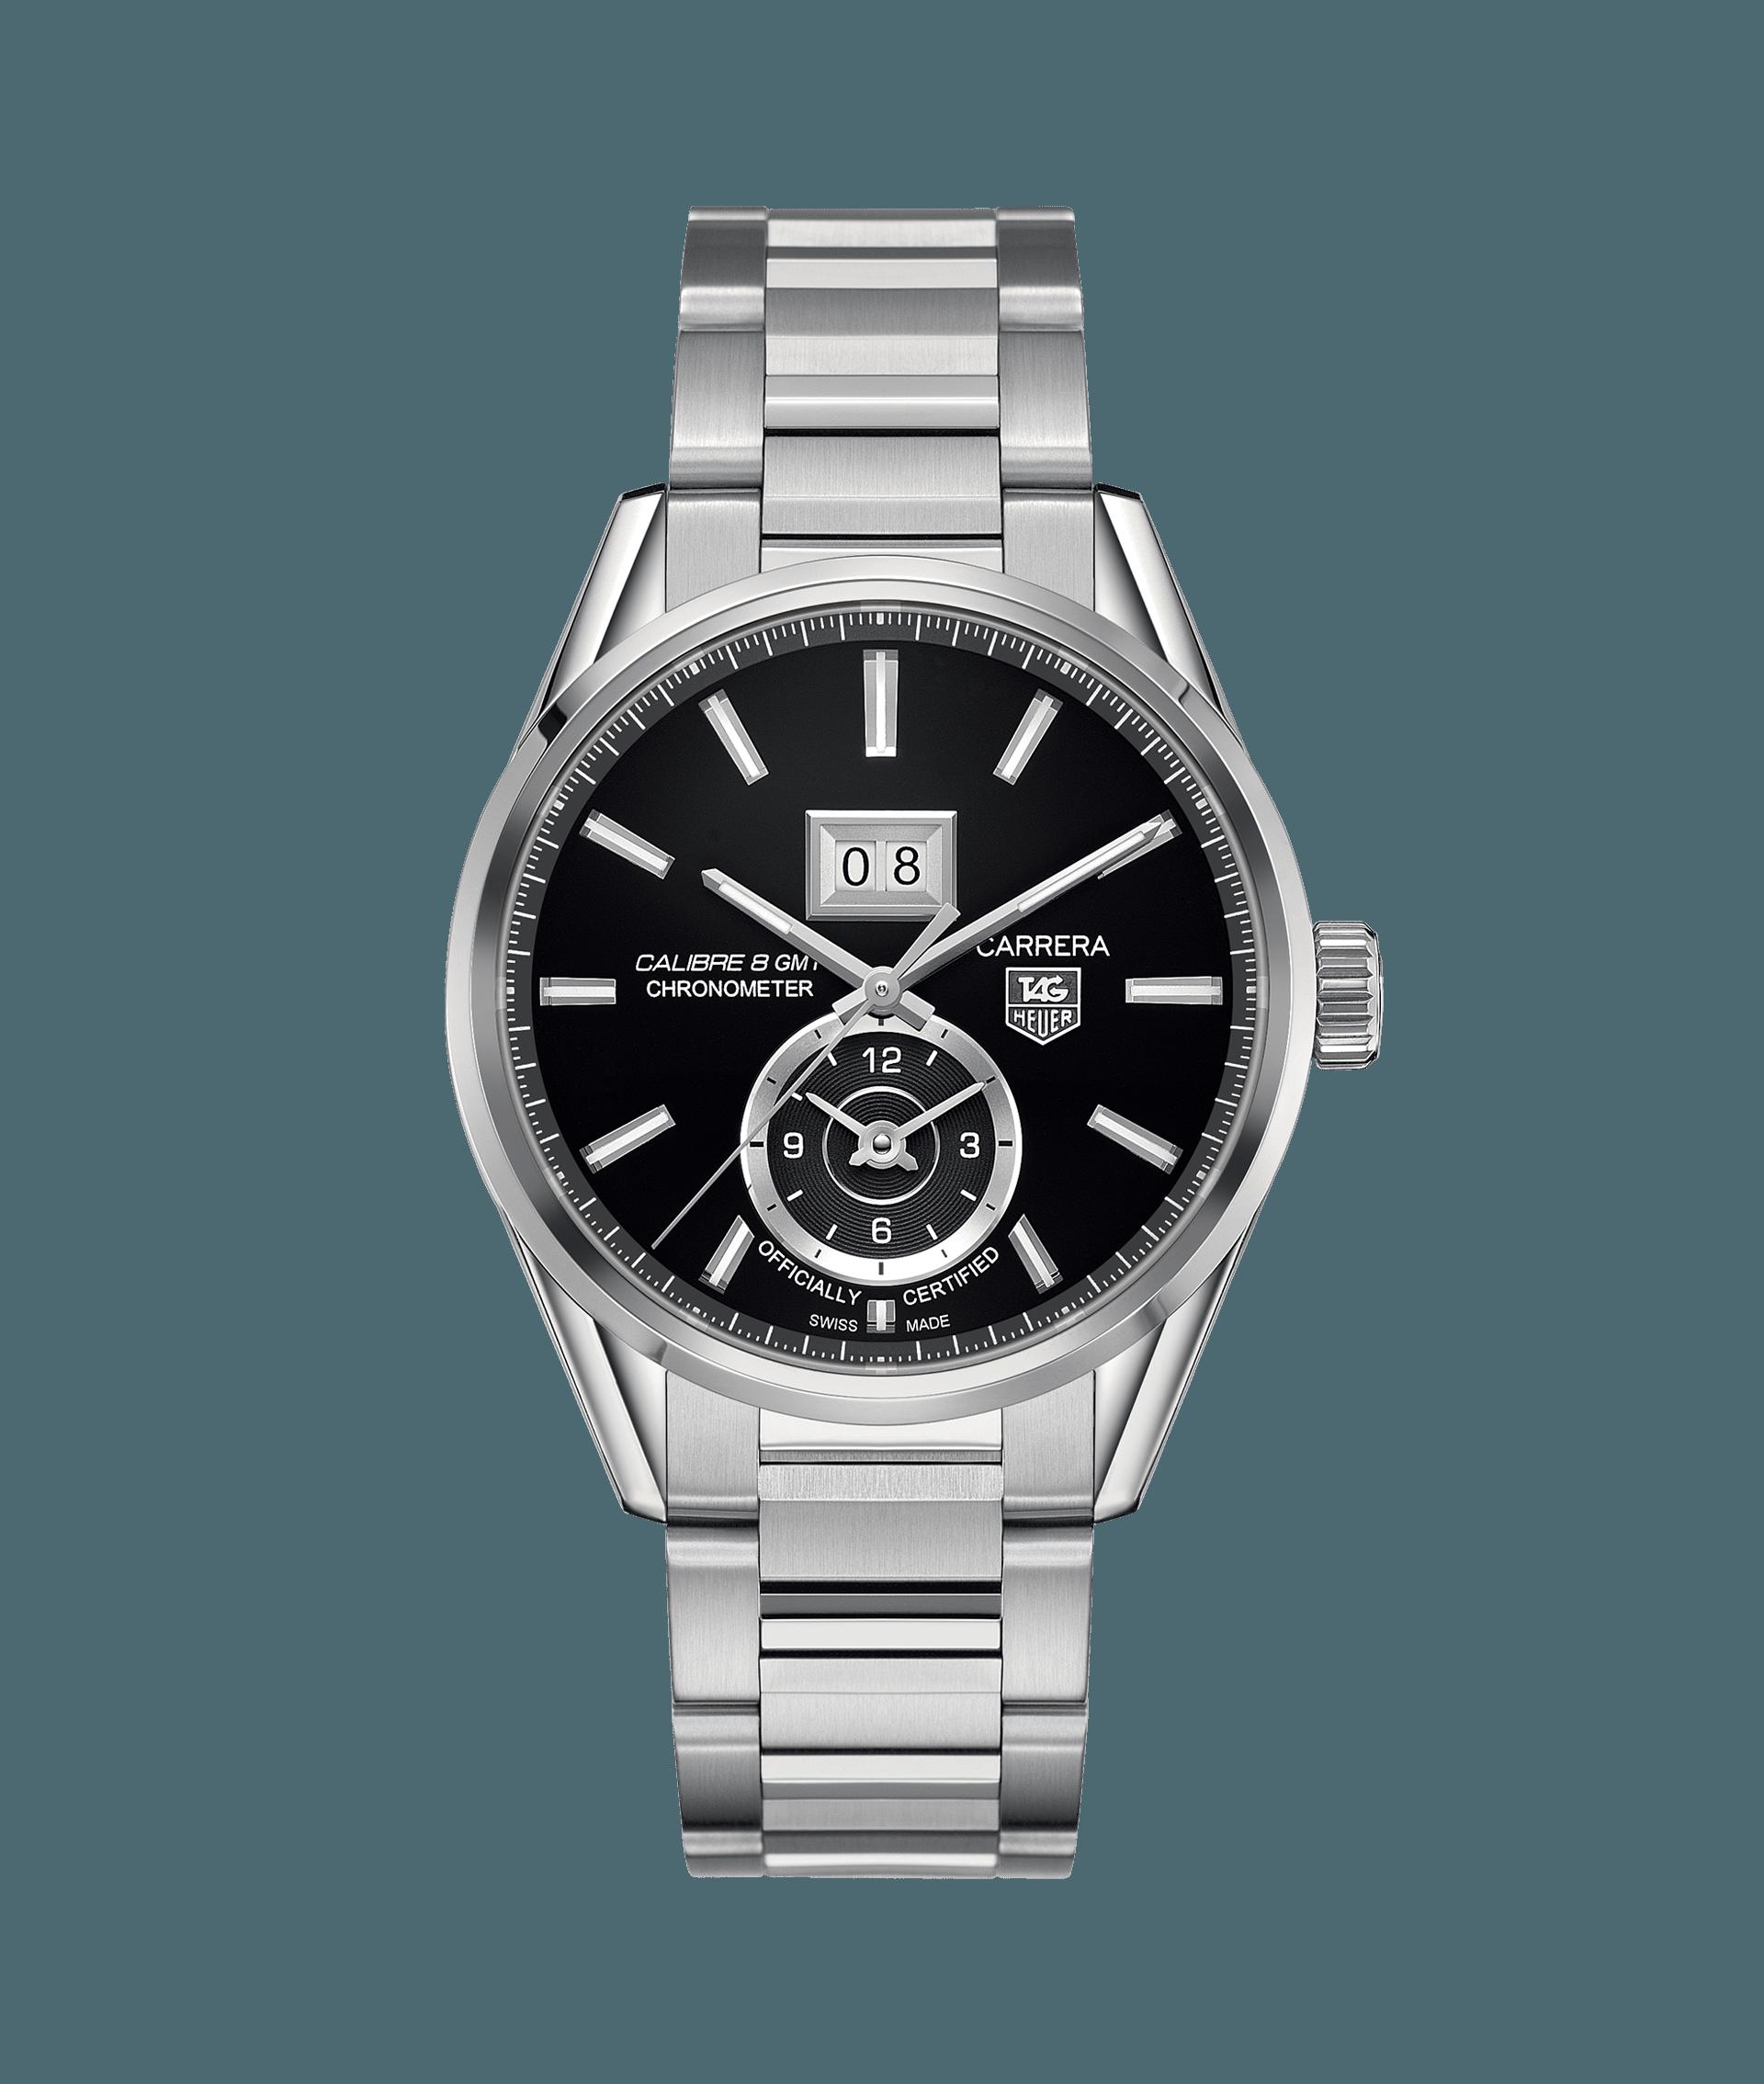 タグ・ホイヤー カレラ オートマティック GMTグランドデイト WAR5010.BA0723